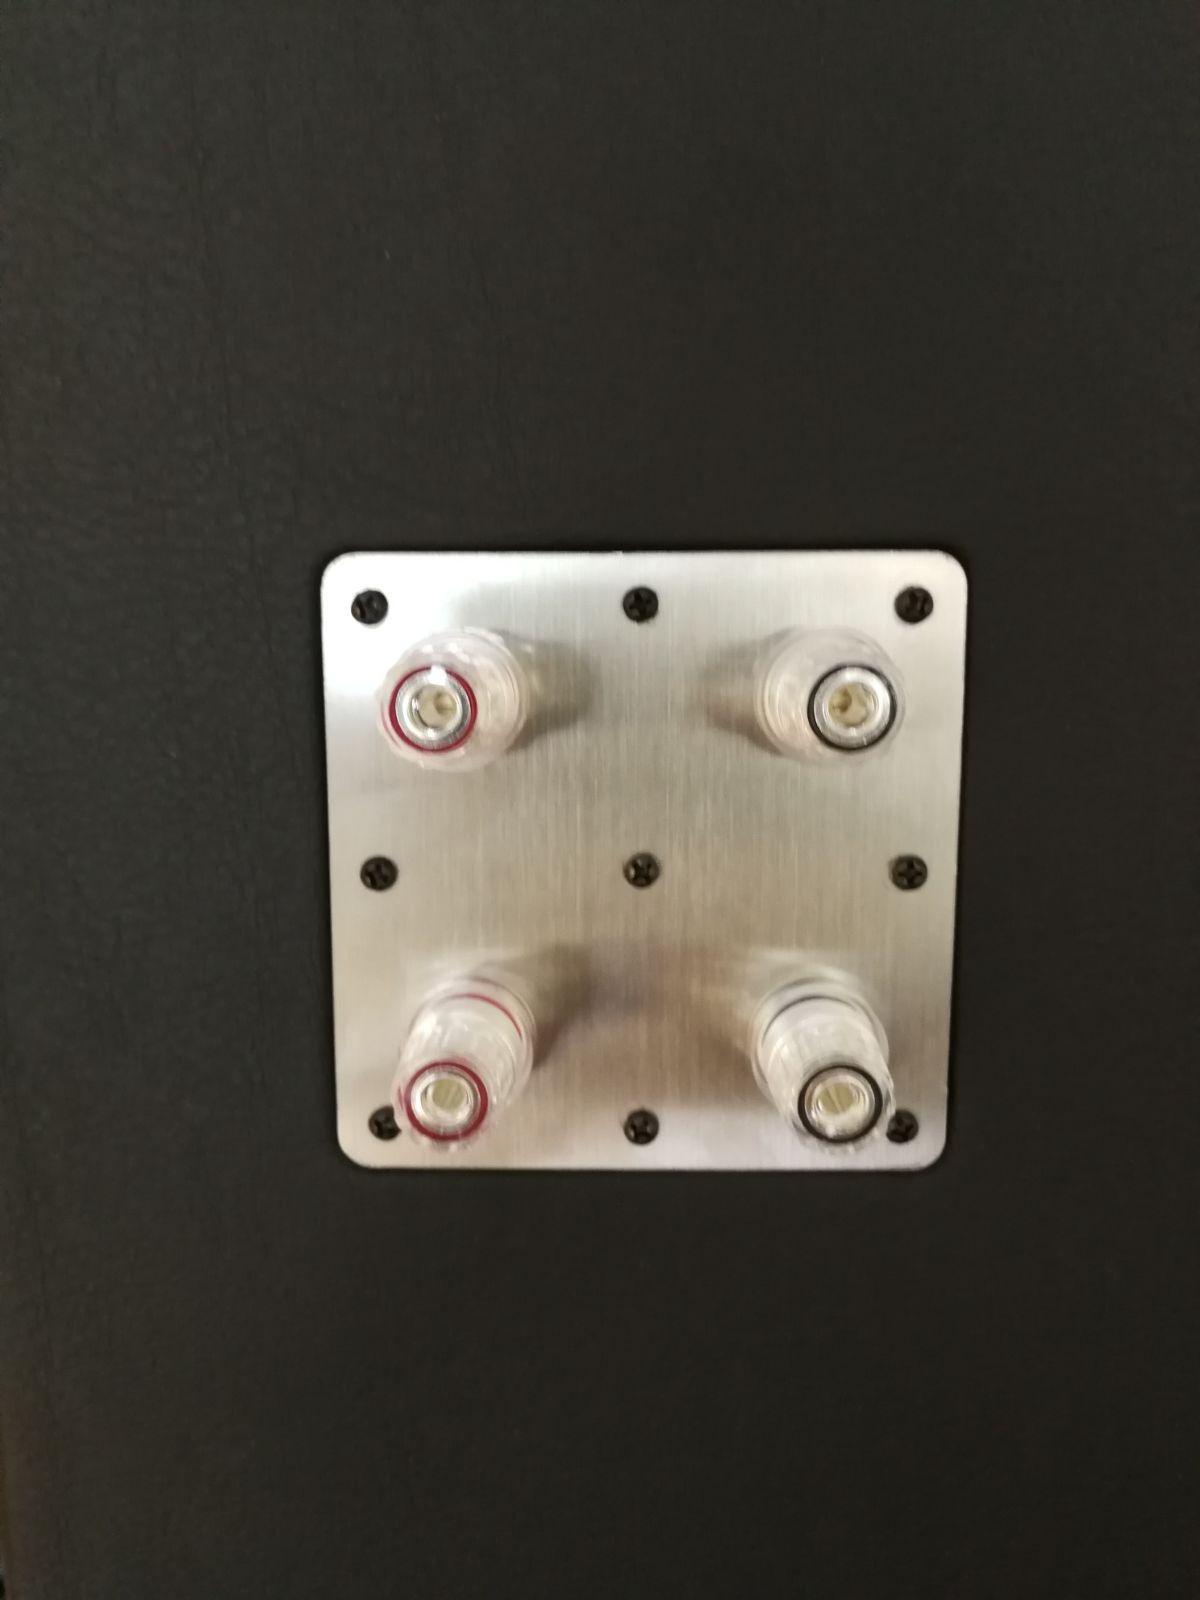 Construcción Monitores 2 vías - Página 2 Dafa0933_9497_489a_aba8_c03bbccbf9fa